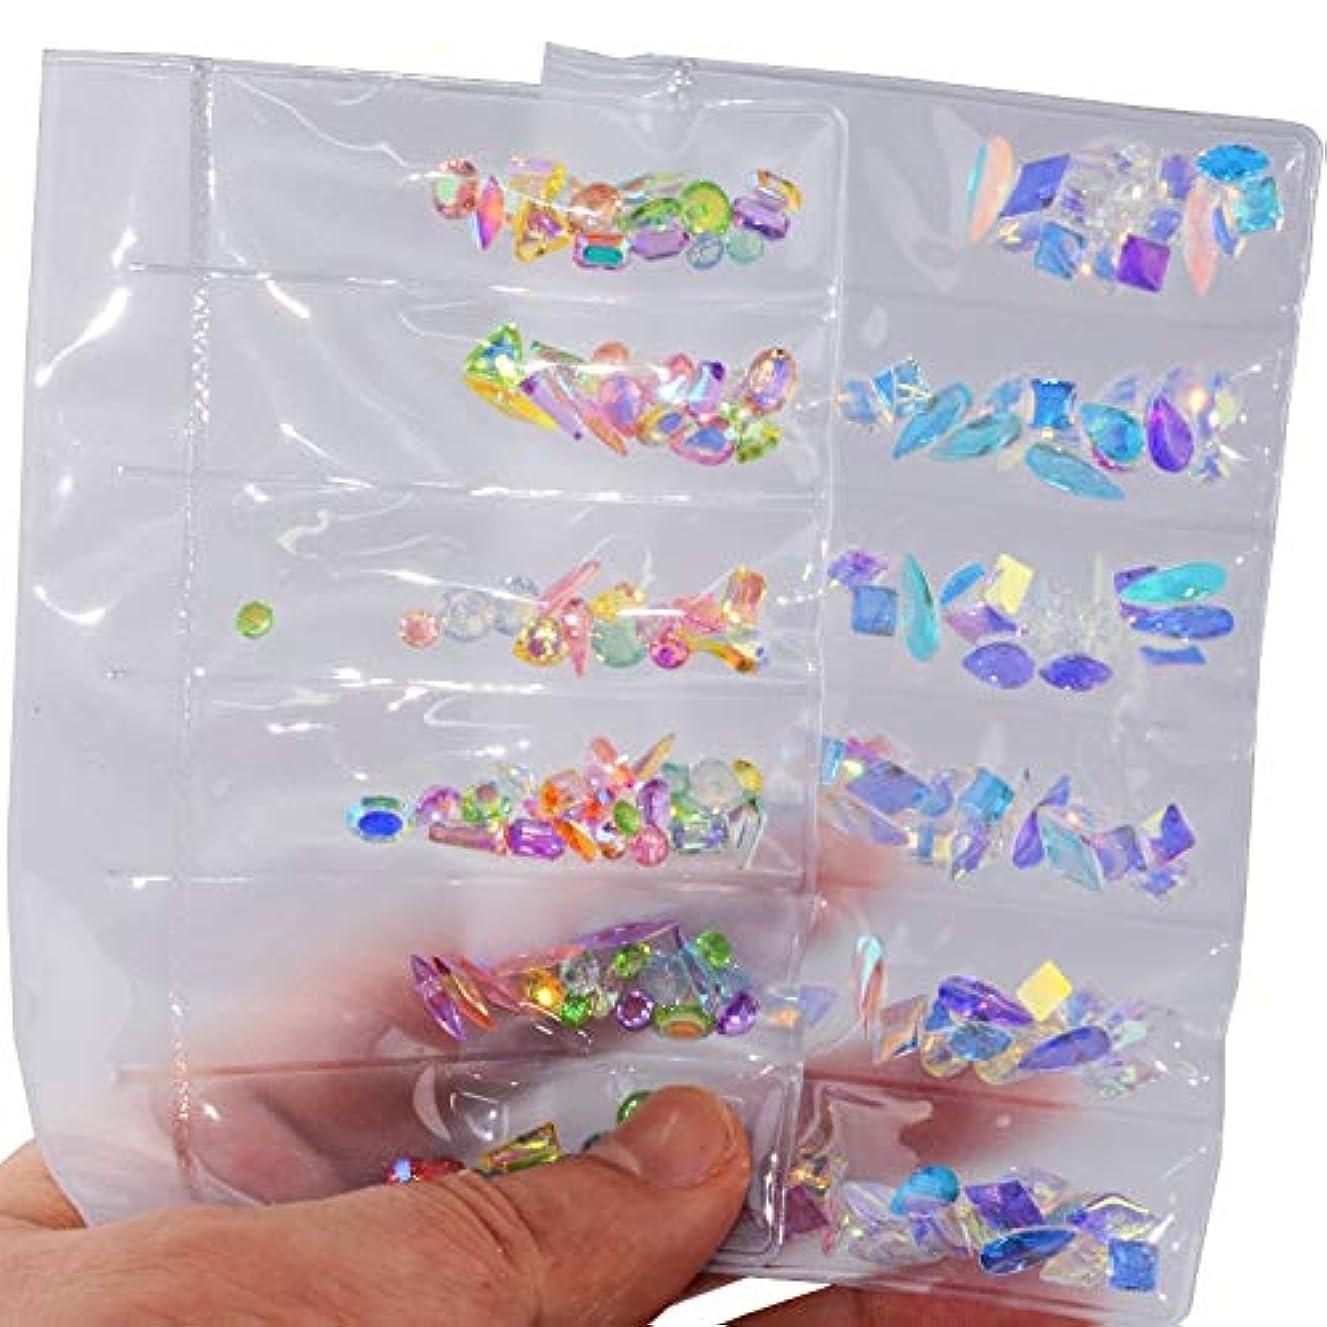 せせらぎ関数ペインティング2パックセットネイルアートラインストーンネイルアートデコレーションフラットバックガラスダイヤモンドティアドロップ馬の目の水晶石